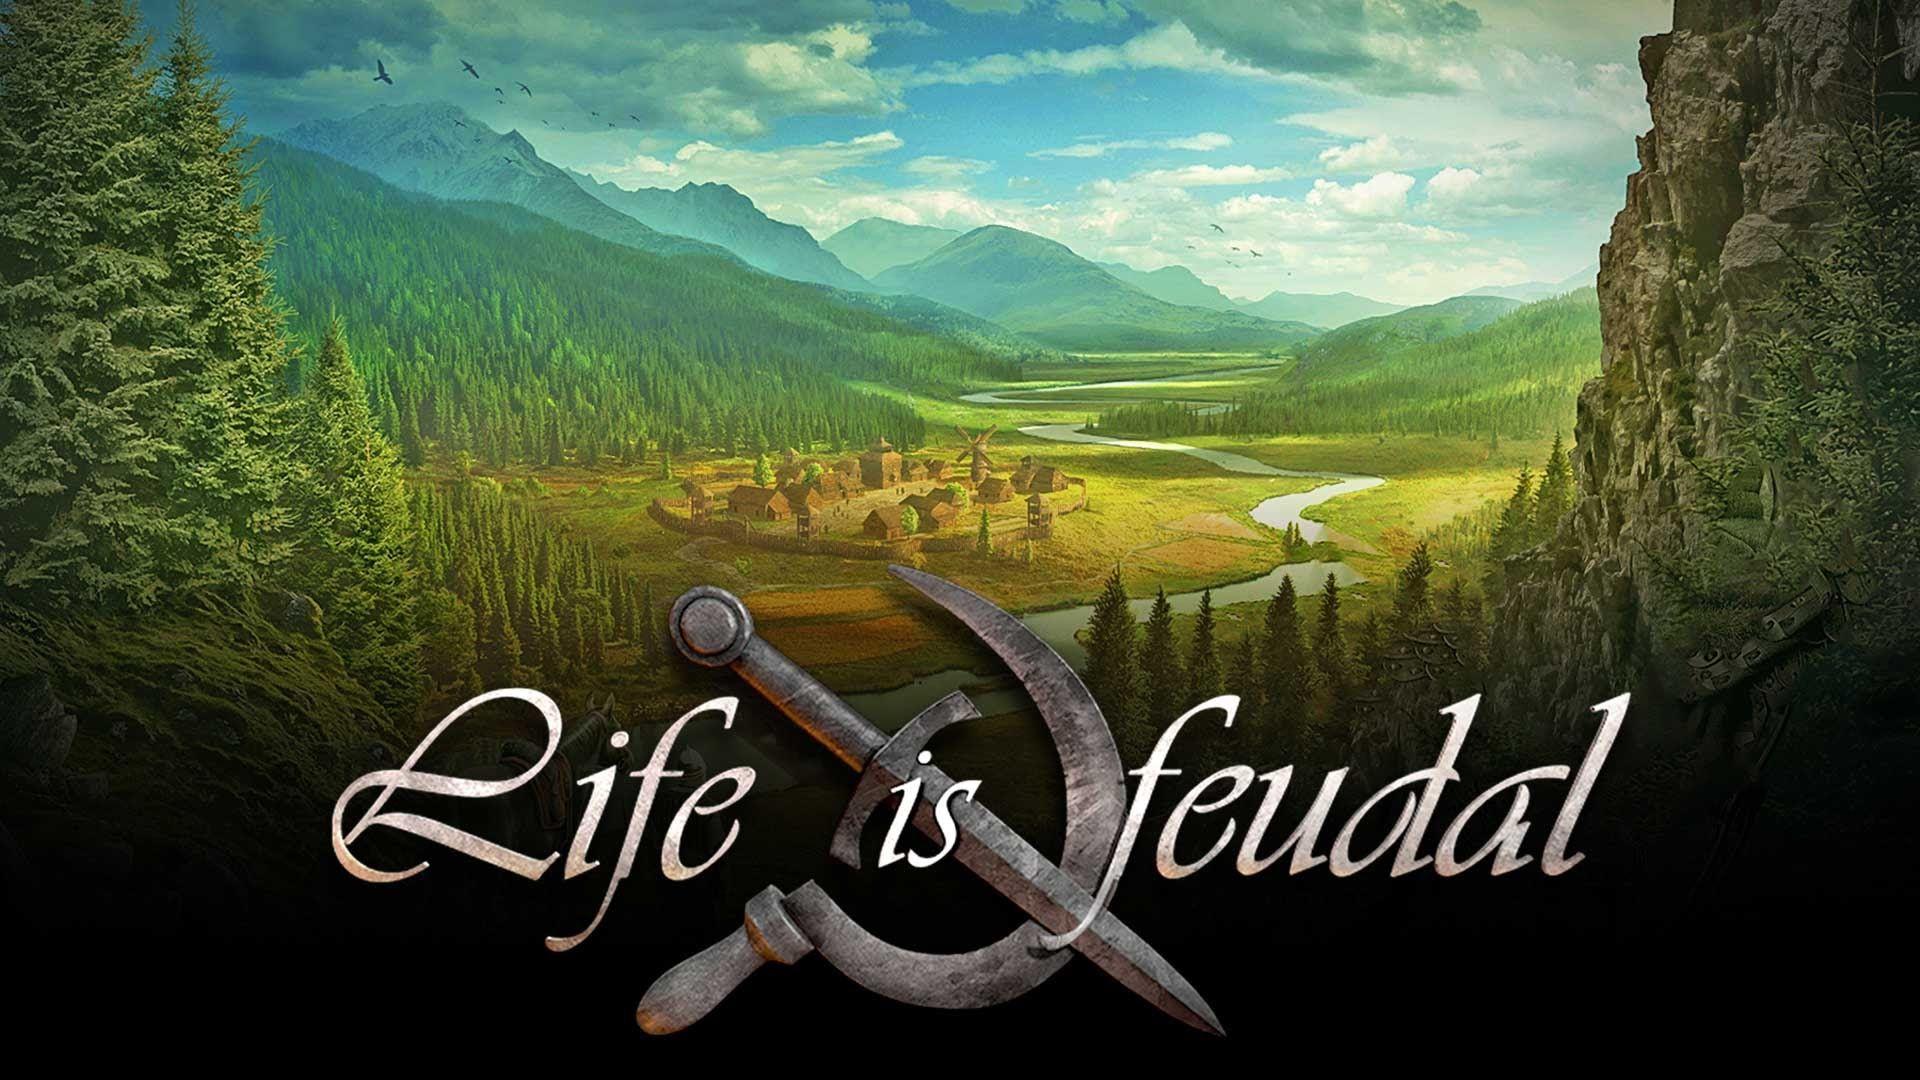 Life is feudal your own играть бесплатно ролевая игра по наруто 2013 года